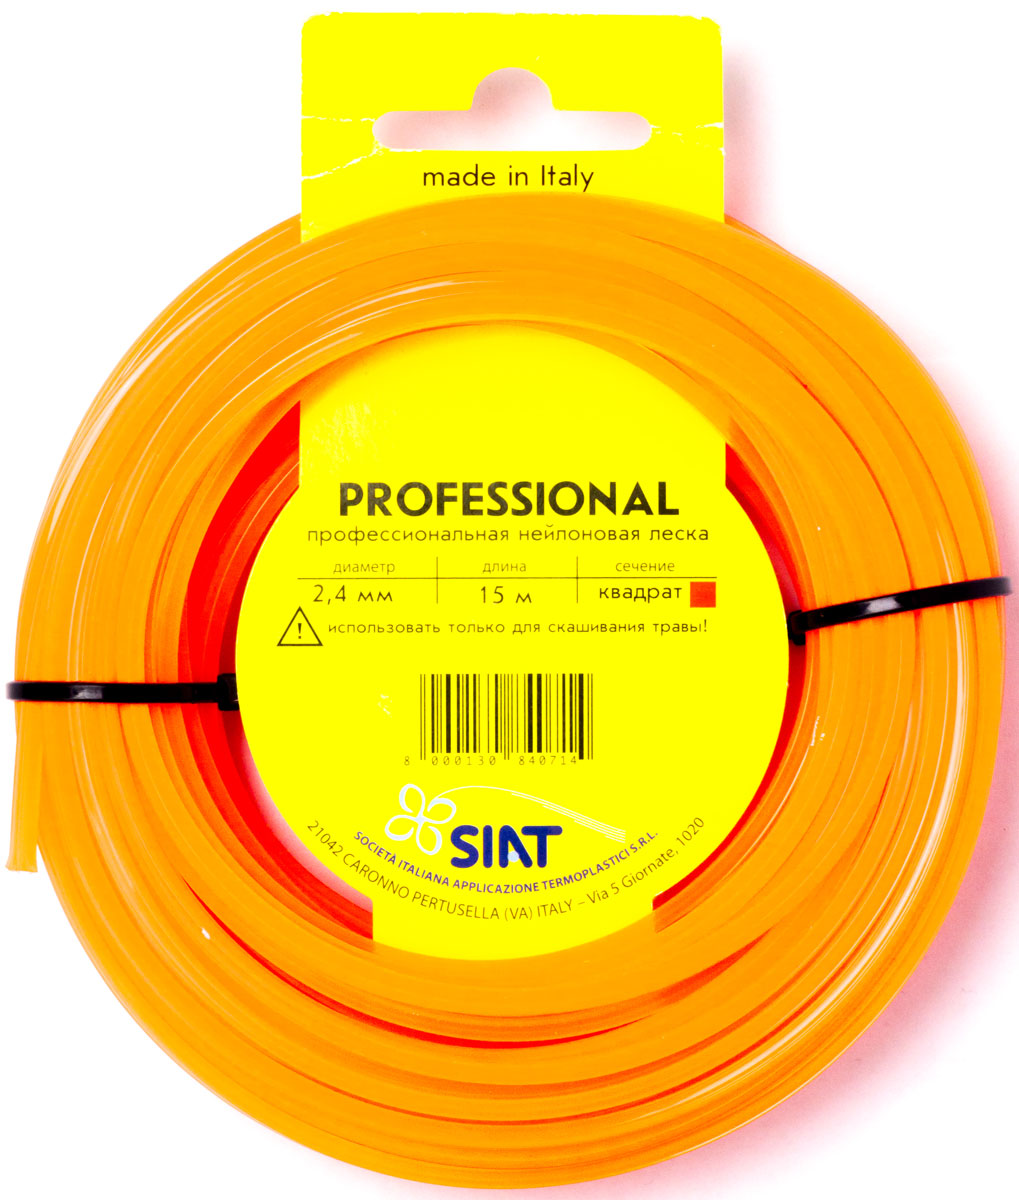 Леска для триммера Siat Professional Siat. Квадрат, диаметр 2,4 мм, длина 15 мF016800385Профессиональная нейлоновая леска высокой прочности и гибкости